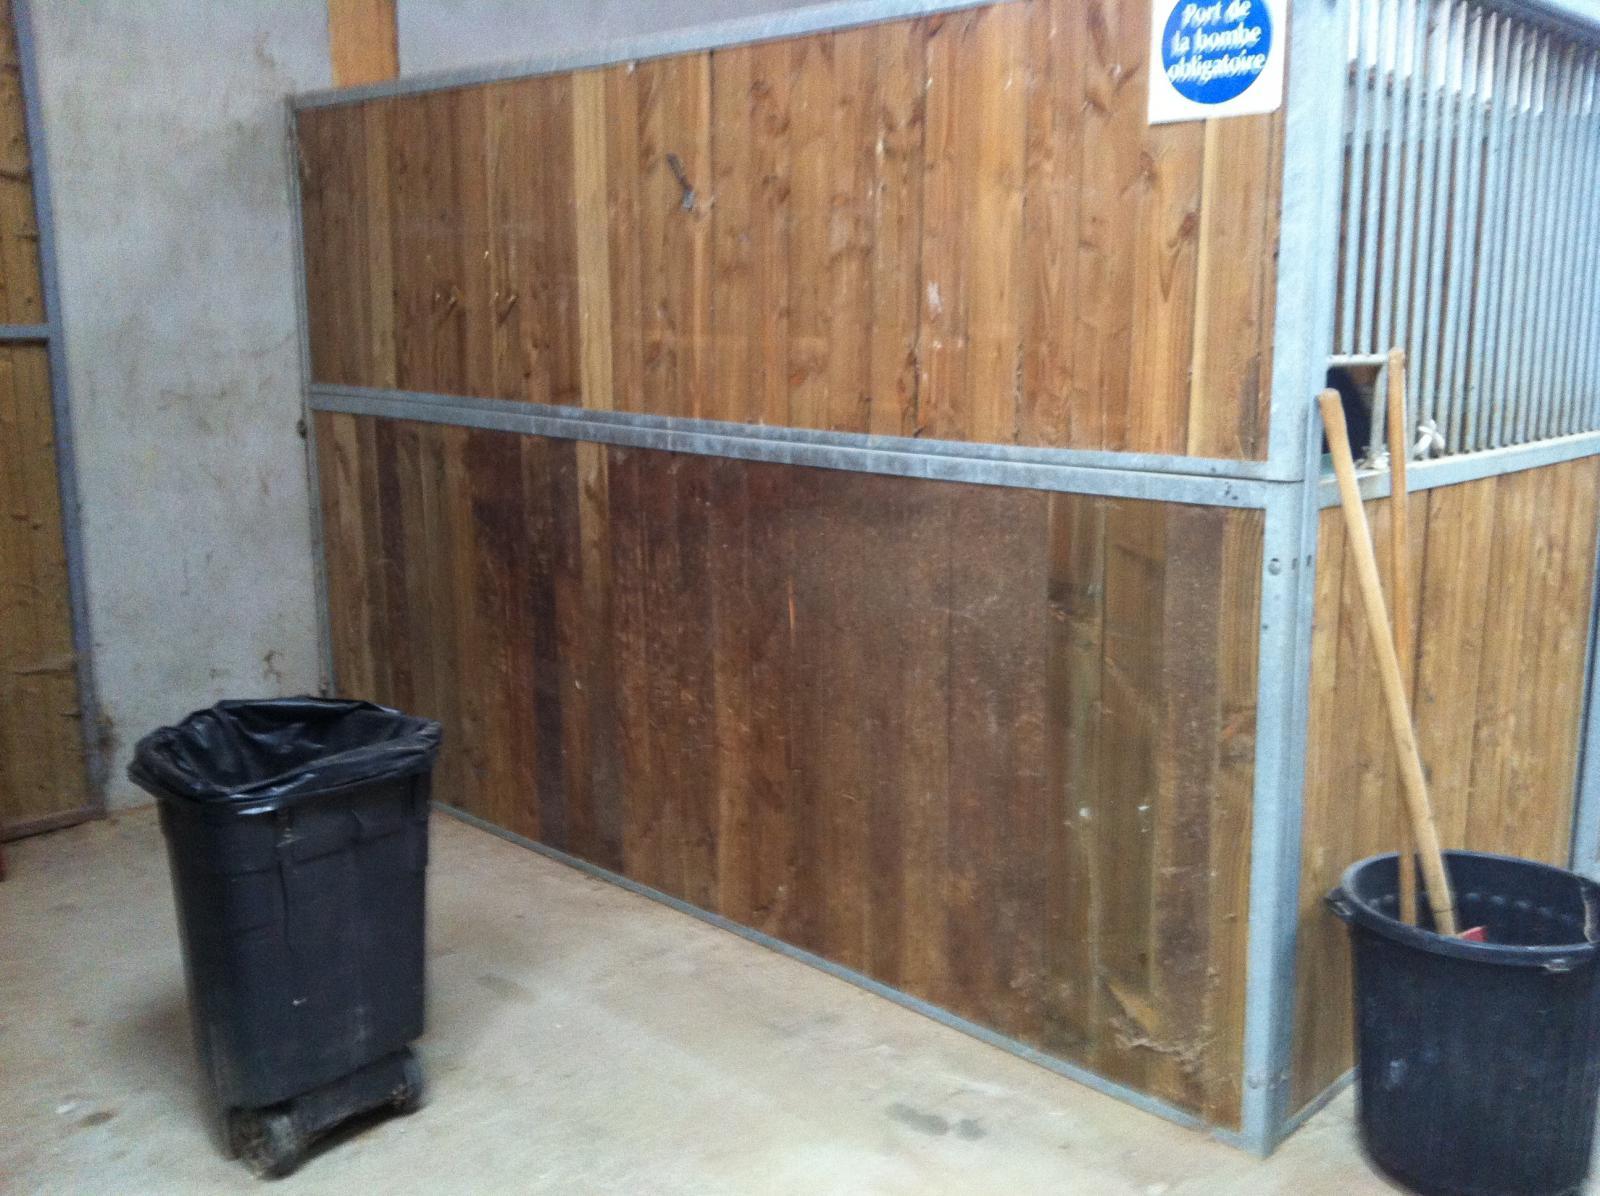 Fabriquer des casiers de rangements - Fabriquer des casiers de rangement en bois ...